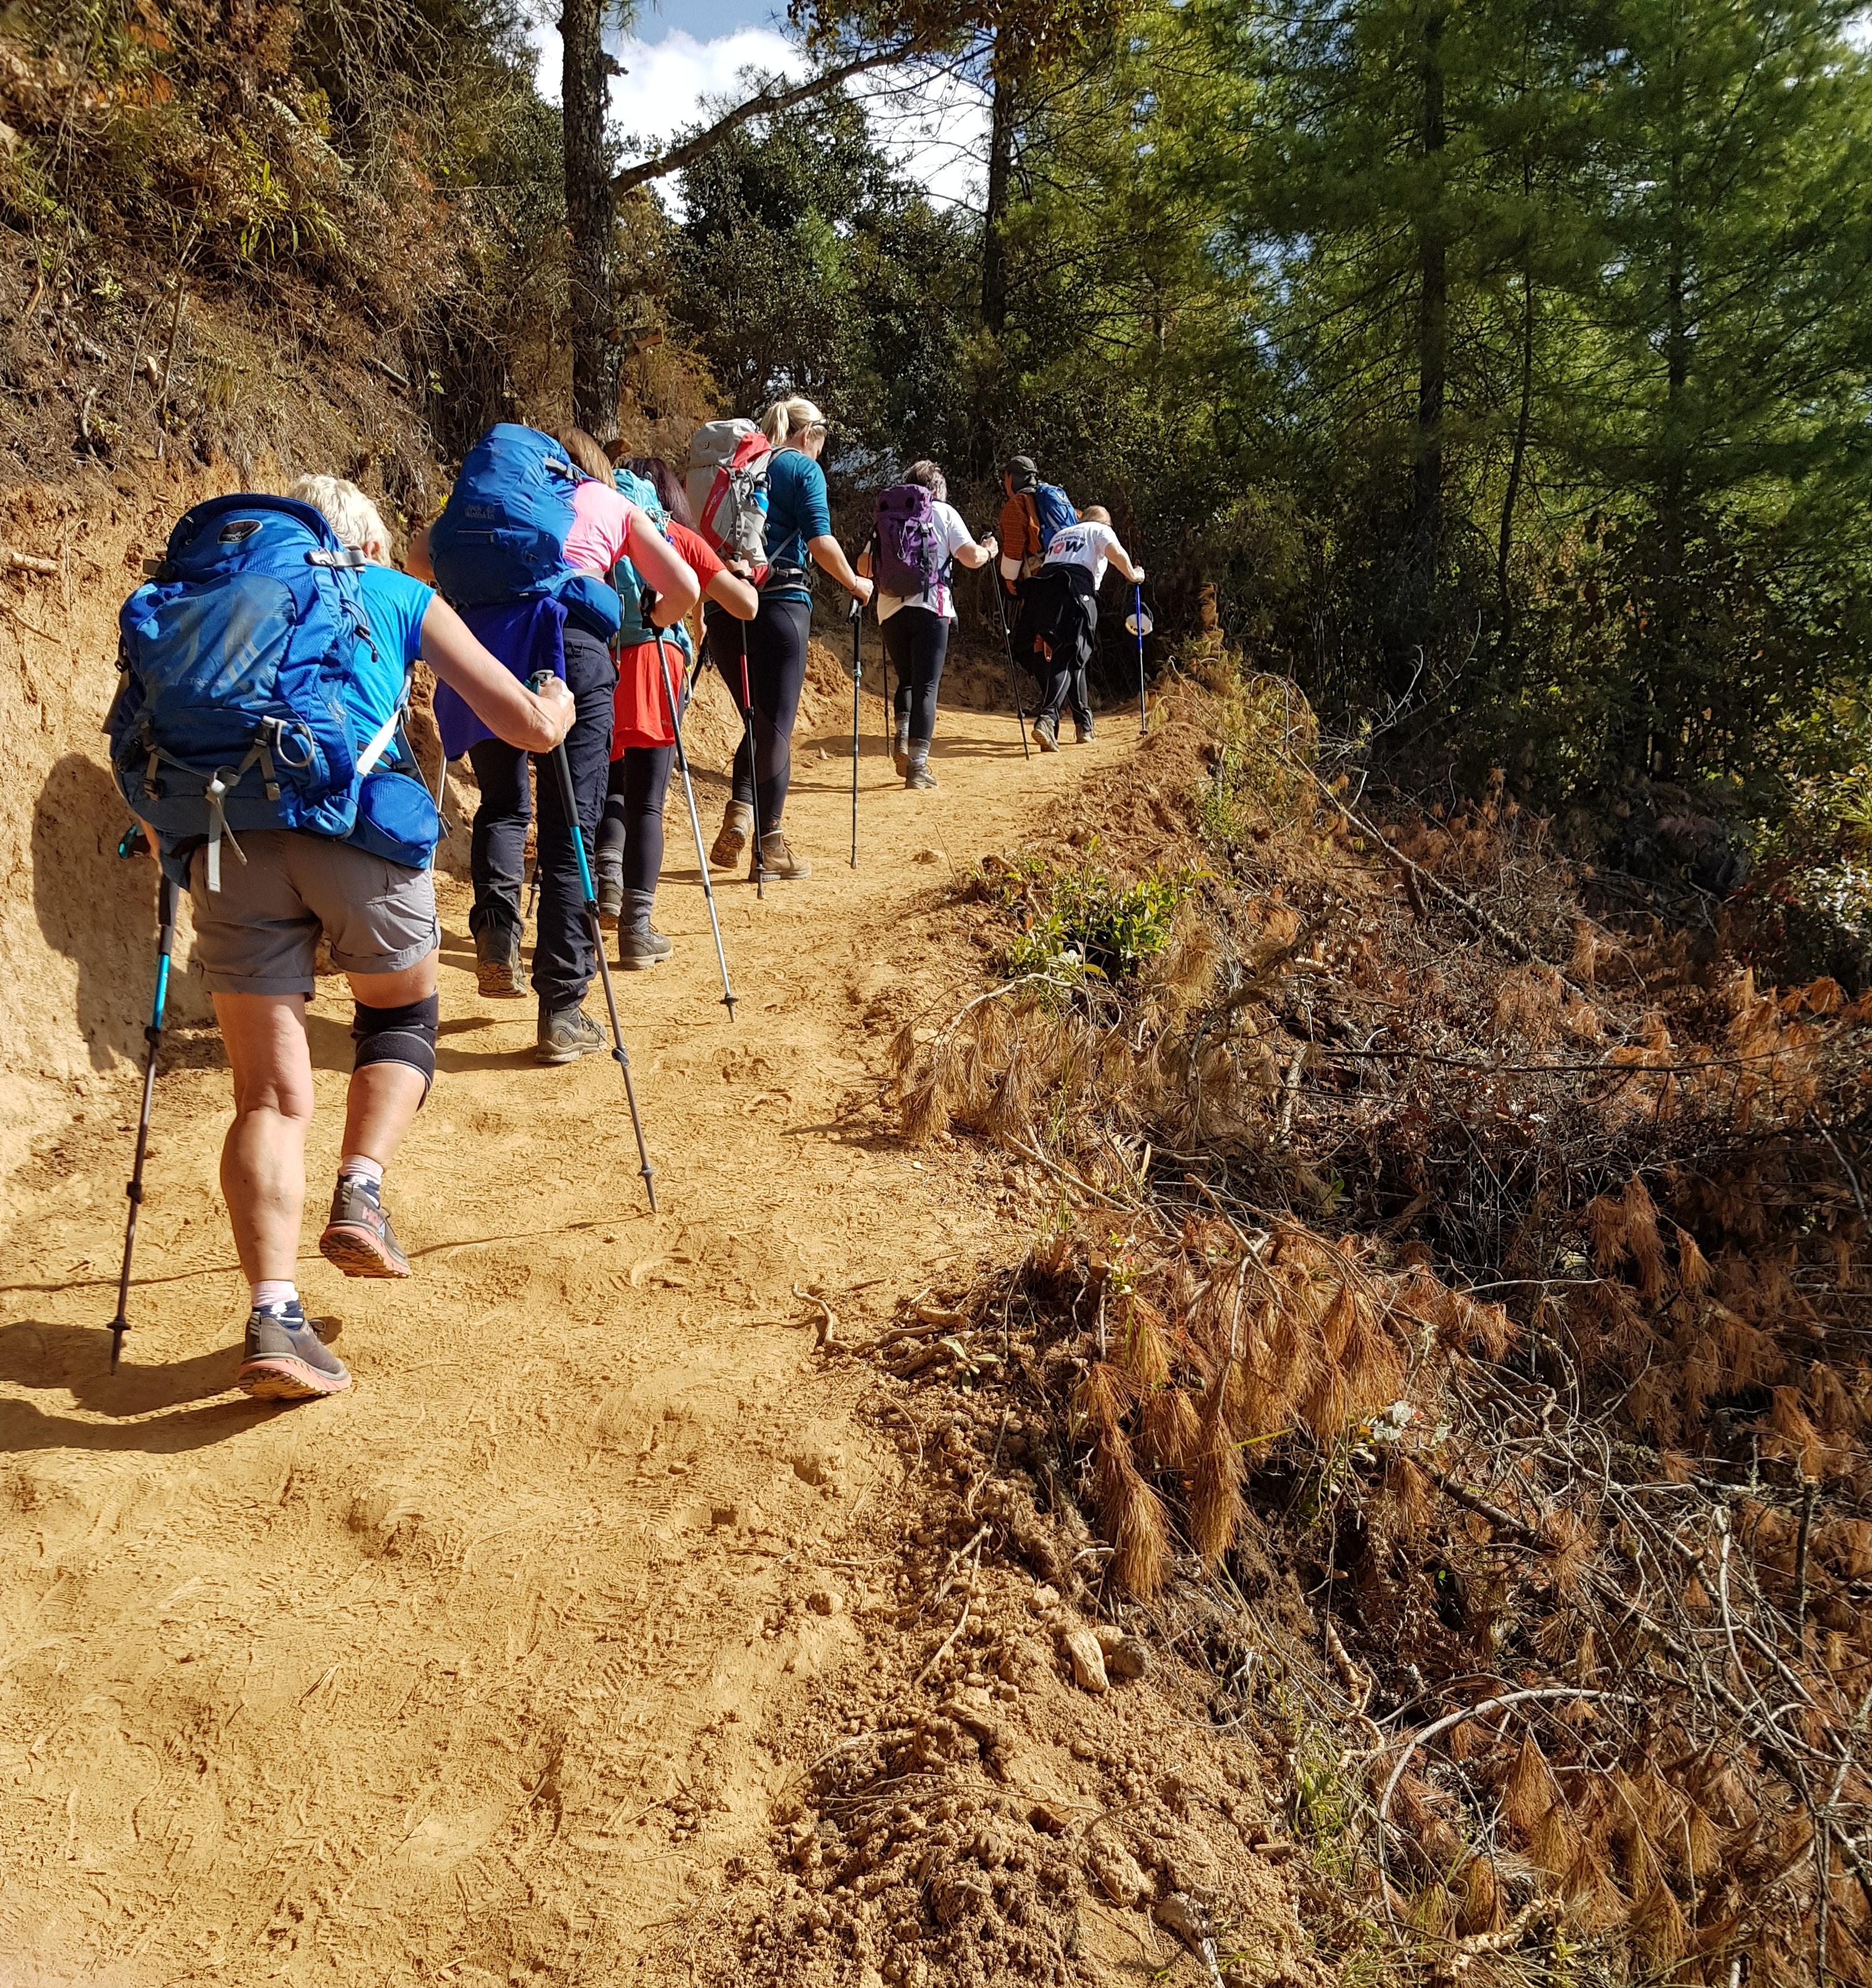 bhutan trekkers